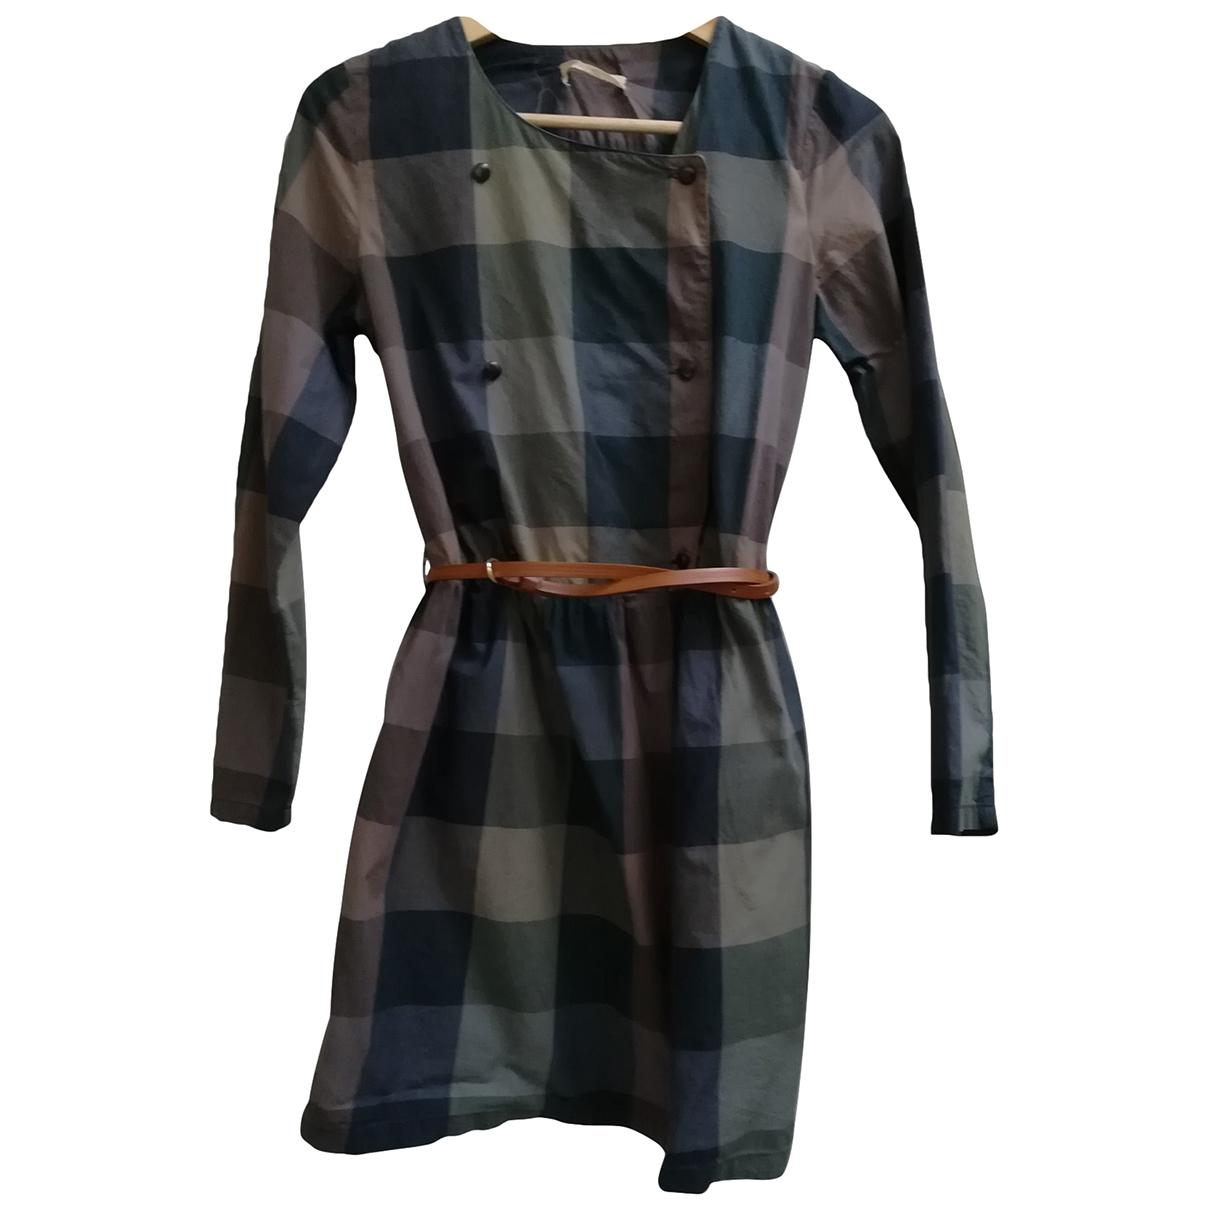 Sessun \N Kleid in  Bunt Baumwolle